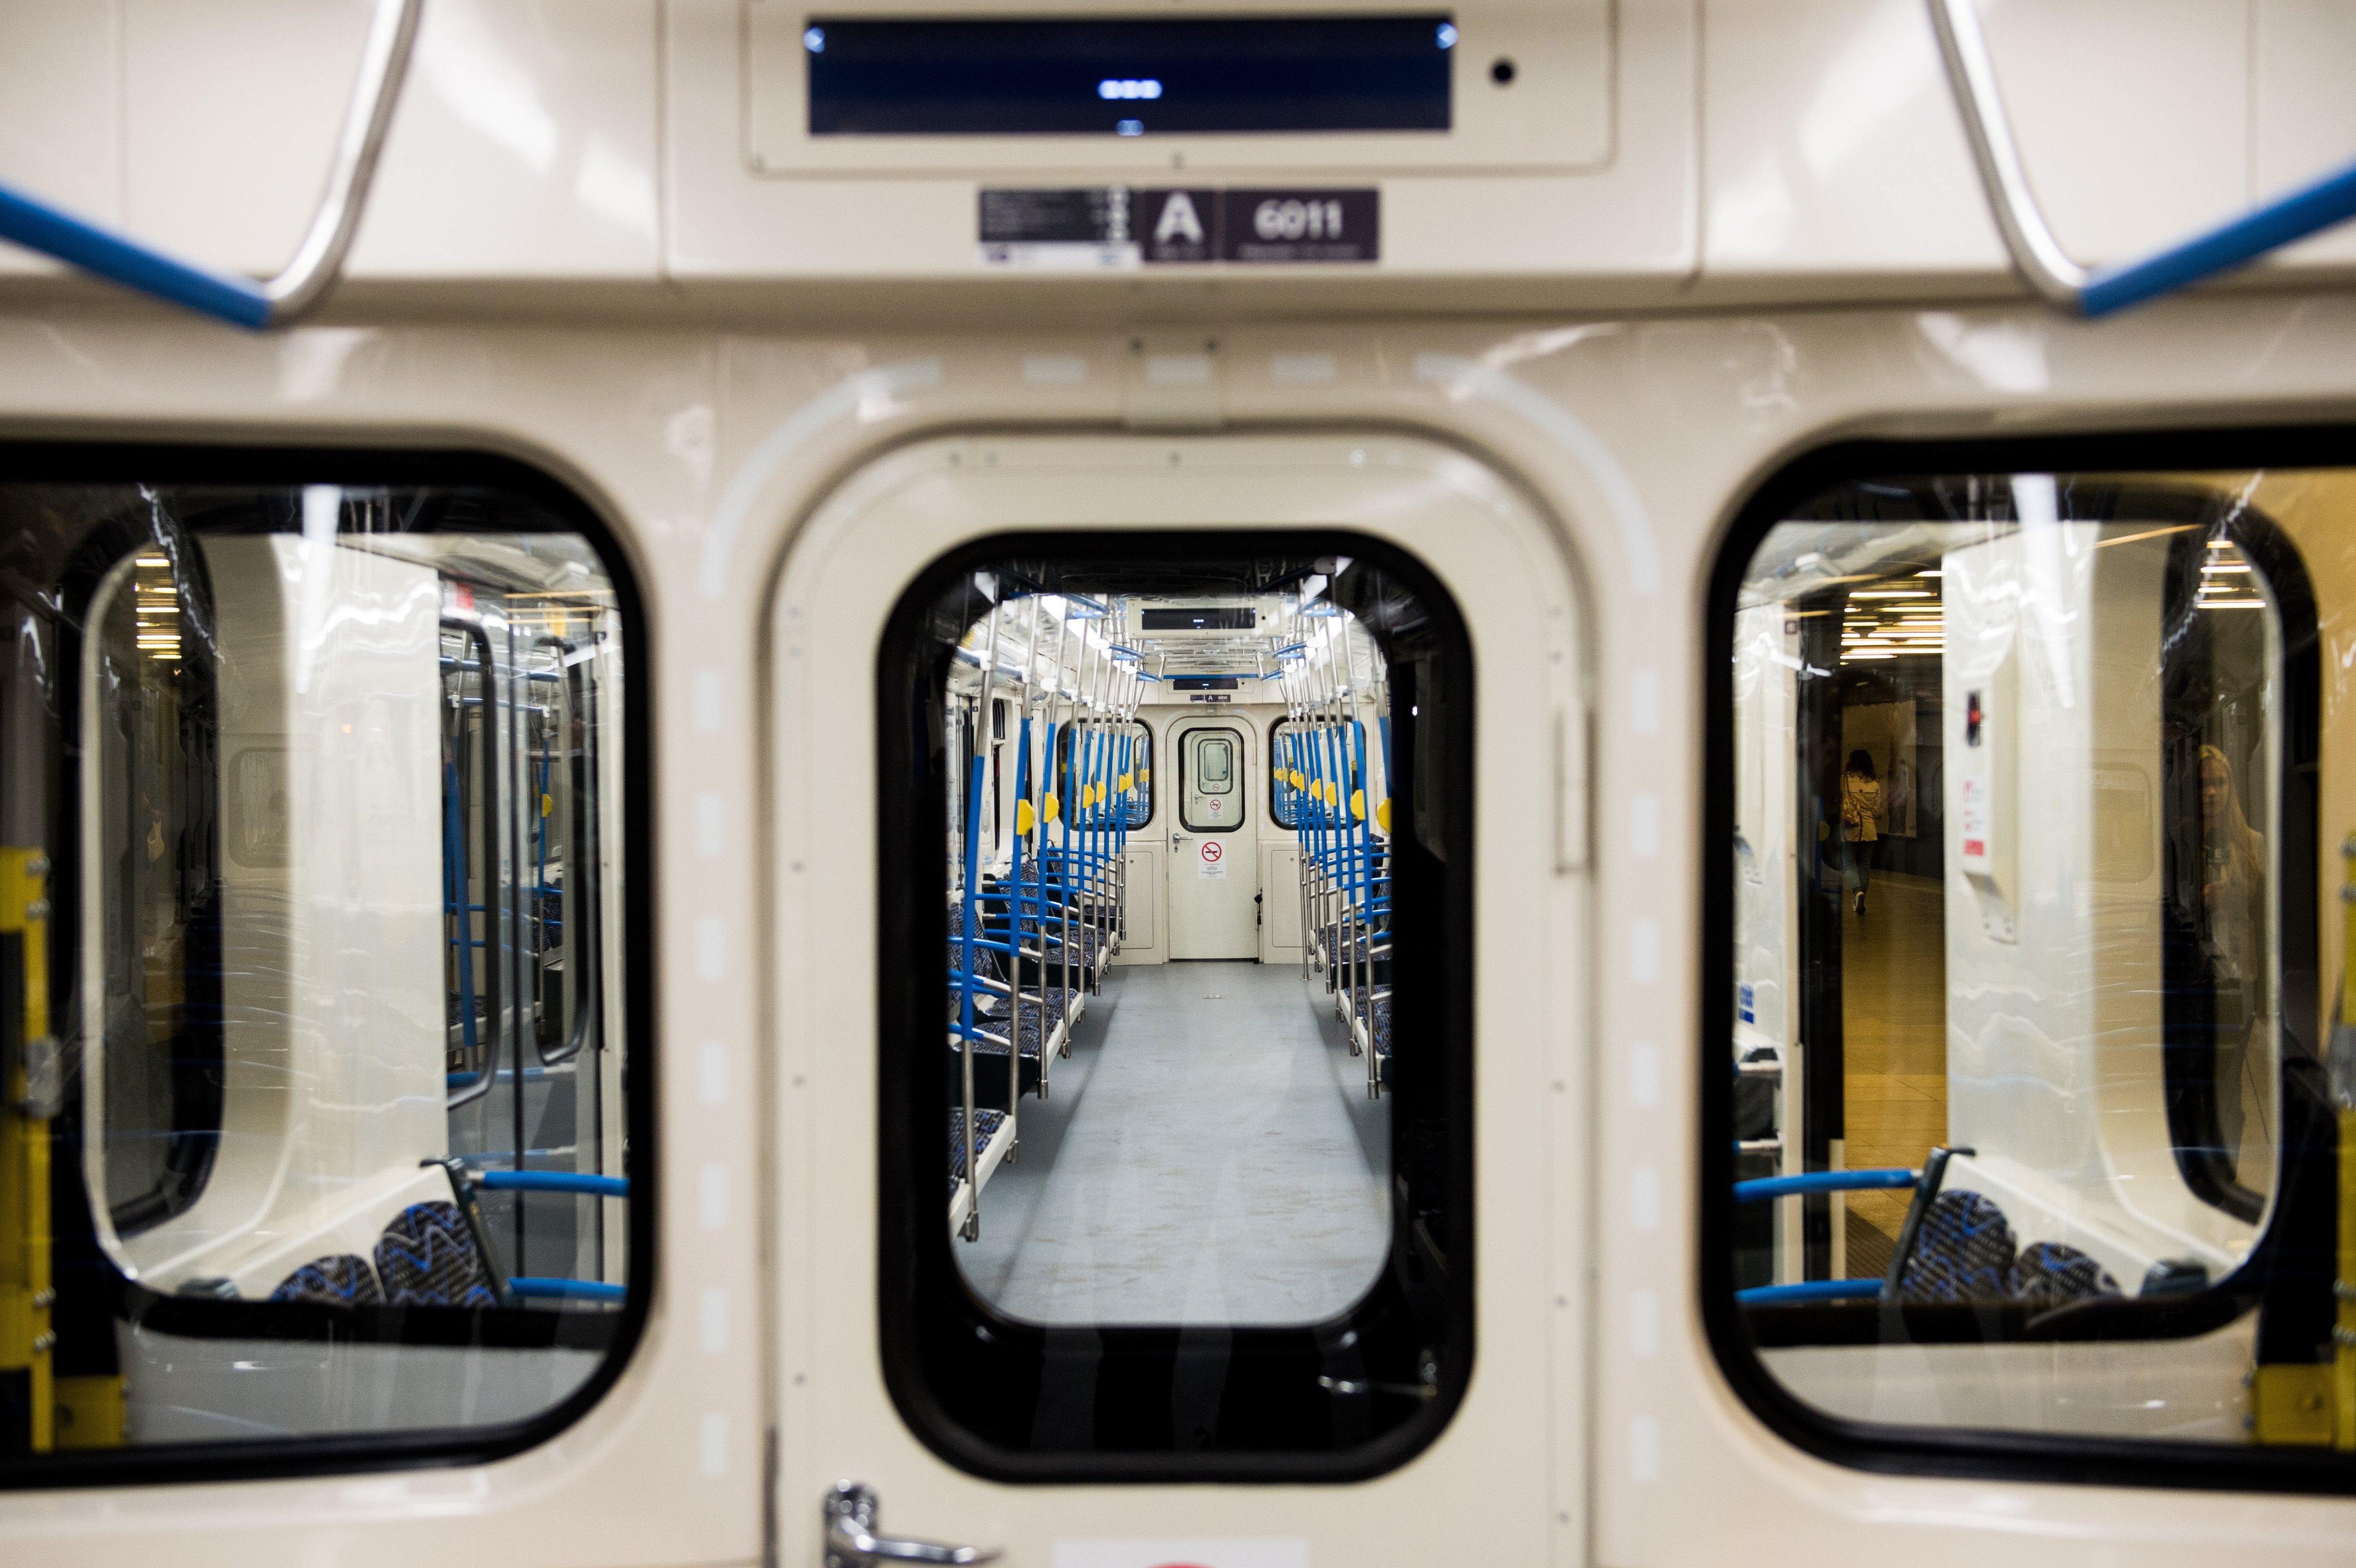 Az orosz metrógyártó 25 szakembert küldött Budapestre, hogy ellenőrizzék a problémás szerelvényeket